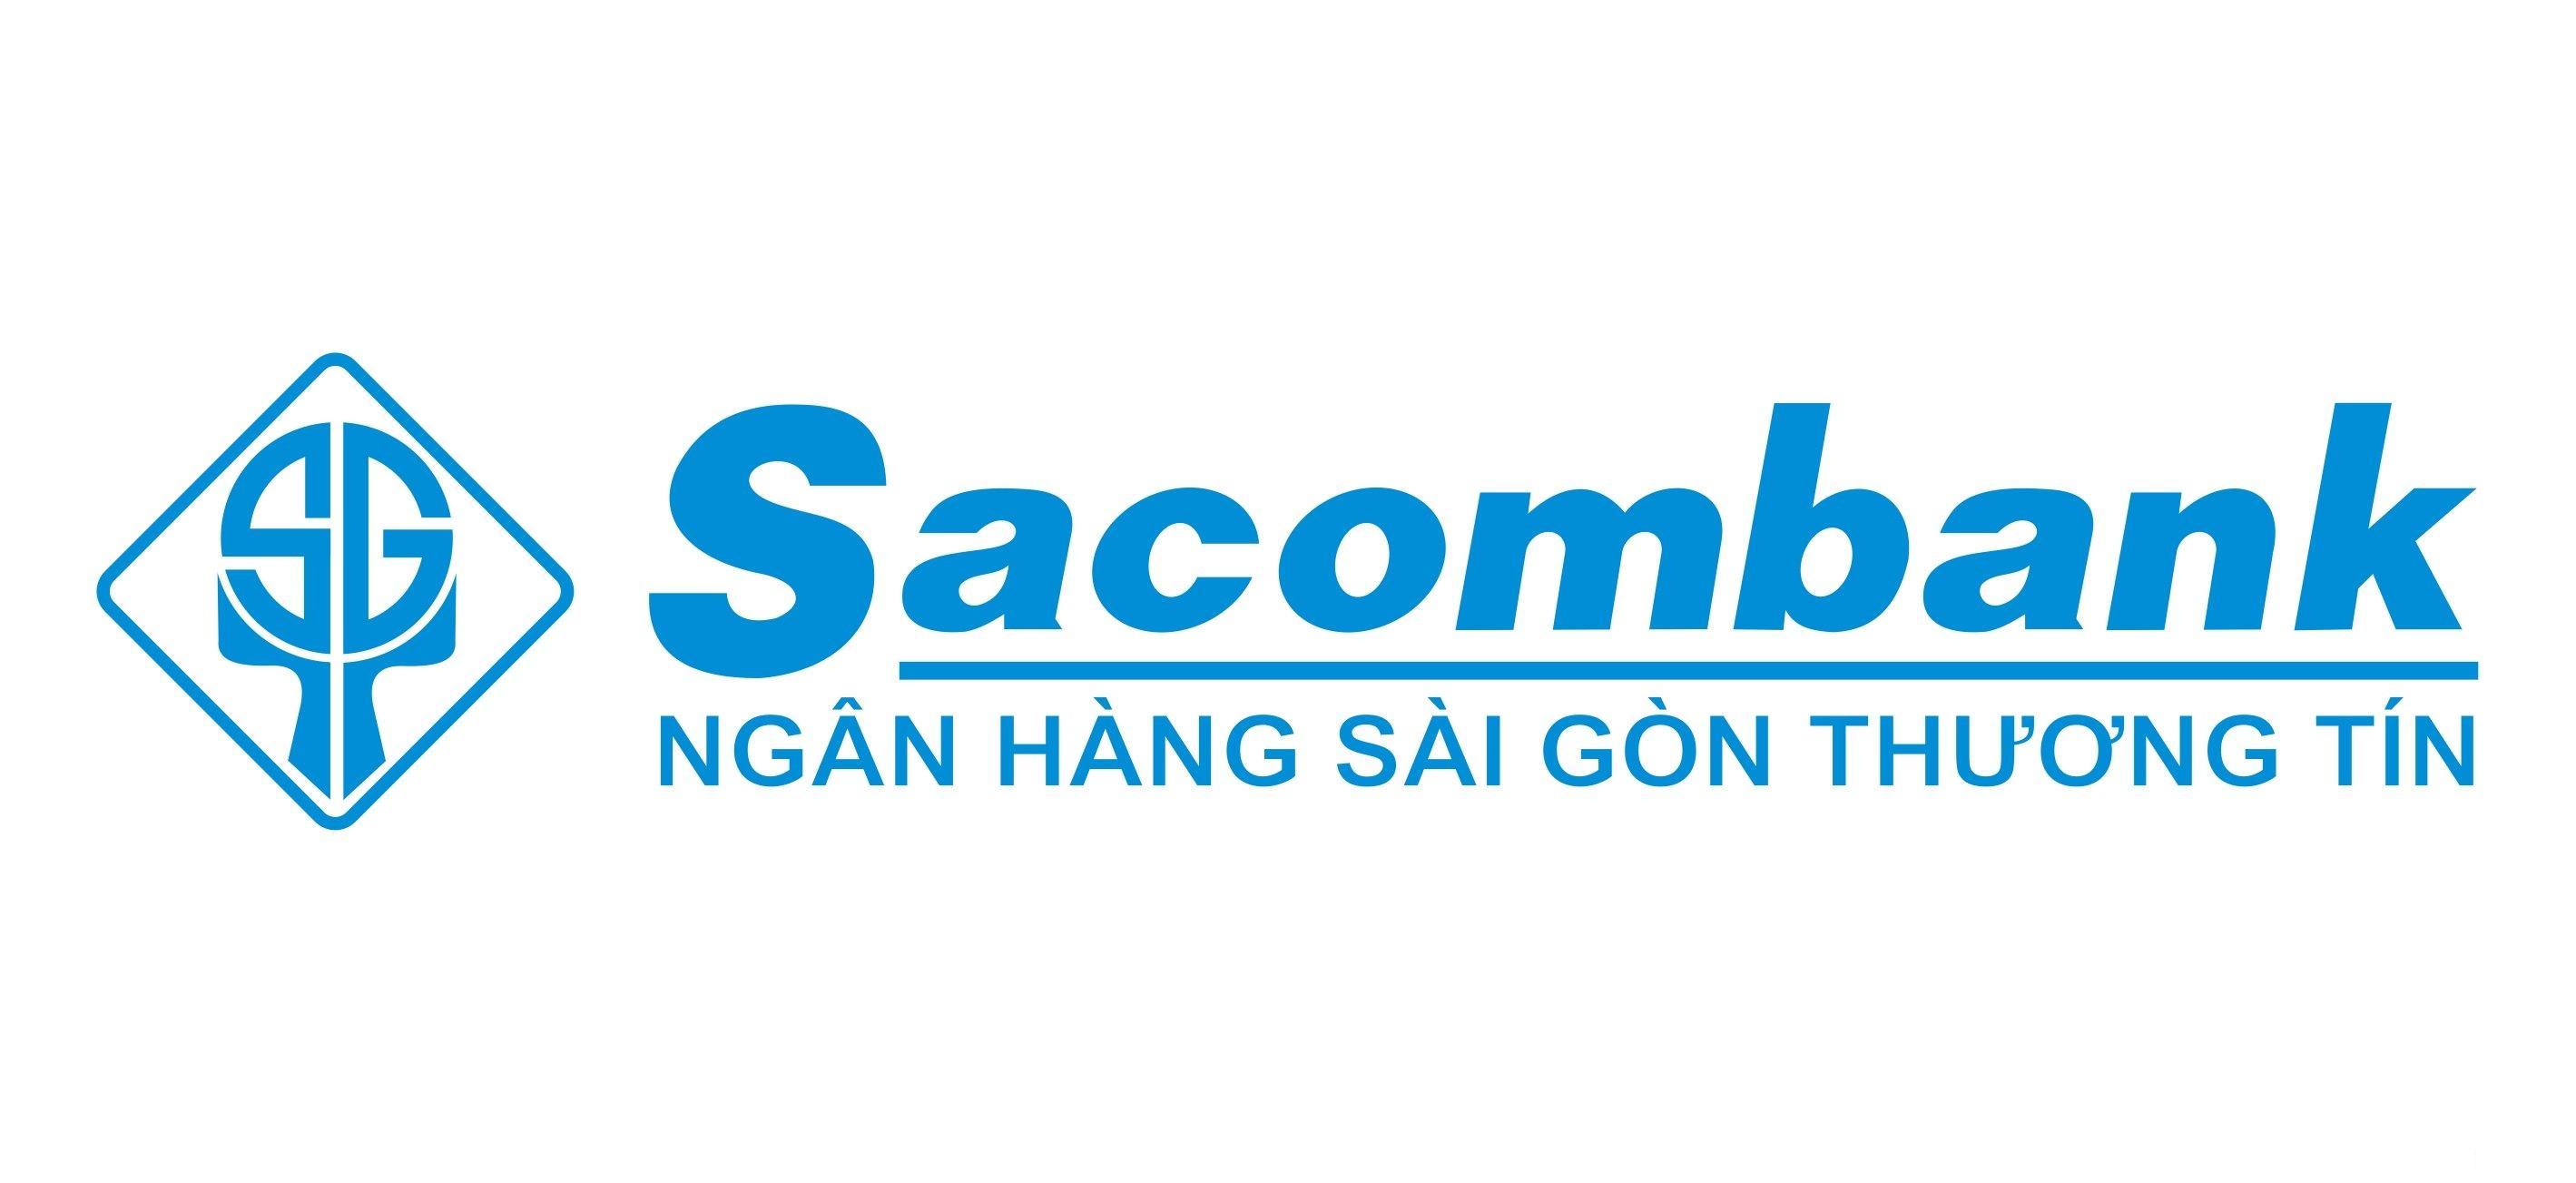 Sacombank2